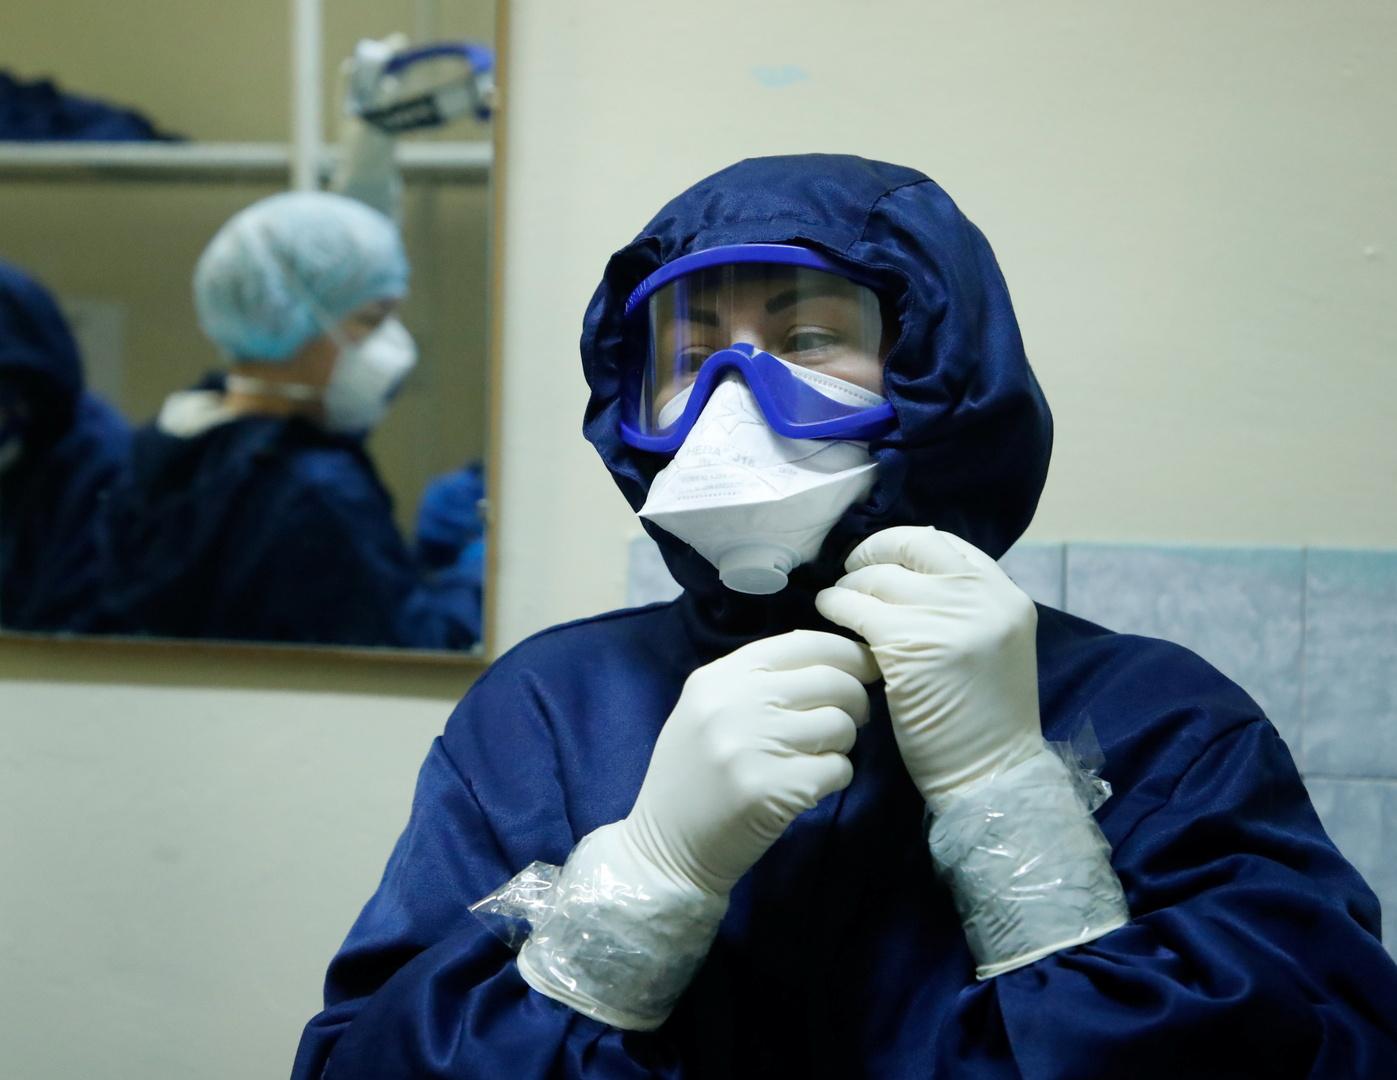 لليوم الثاني على التوالي .. روسيا تسجل 11 ألف إصابة بكورونا خلال 24 ساعة